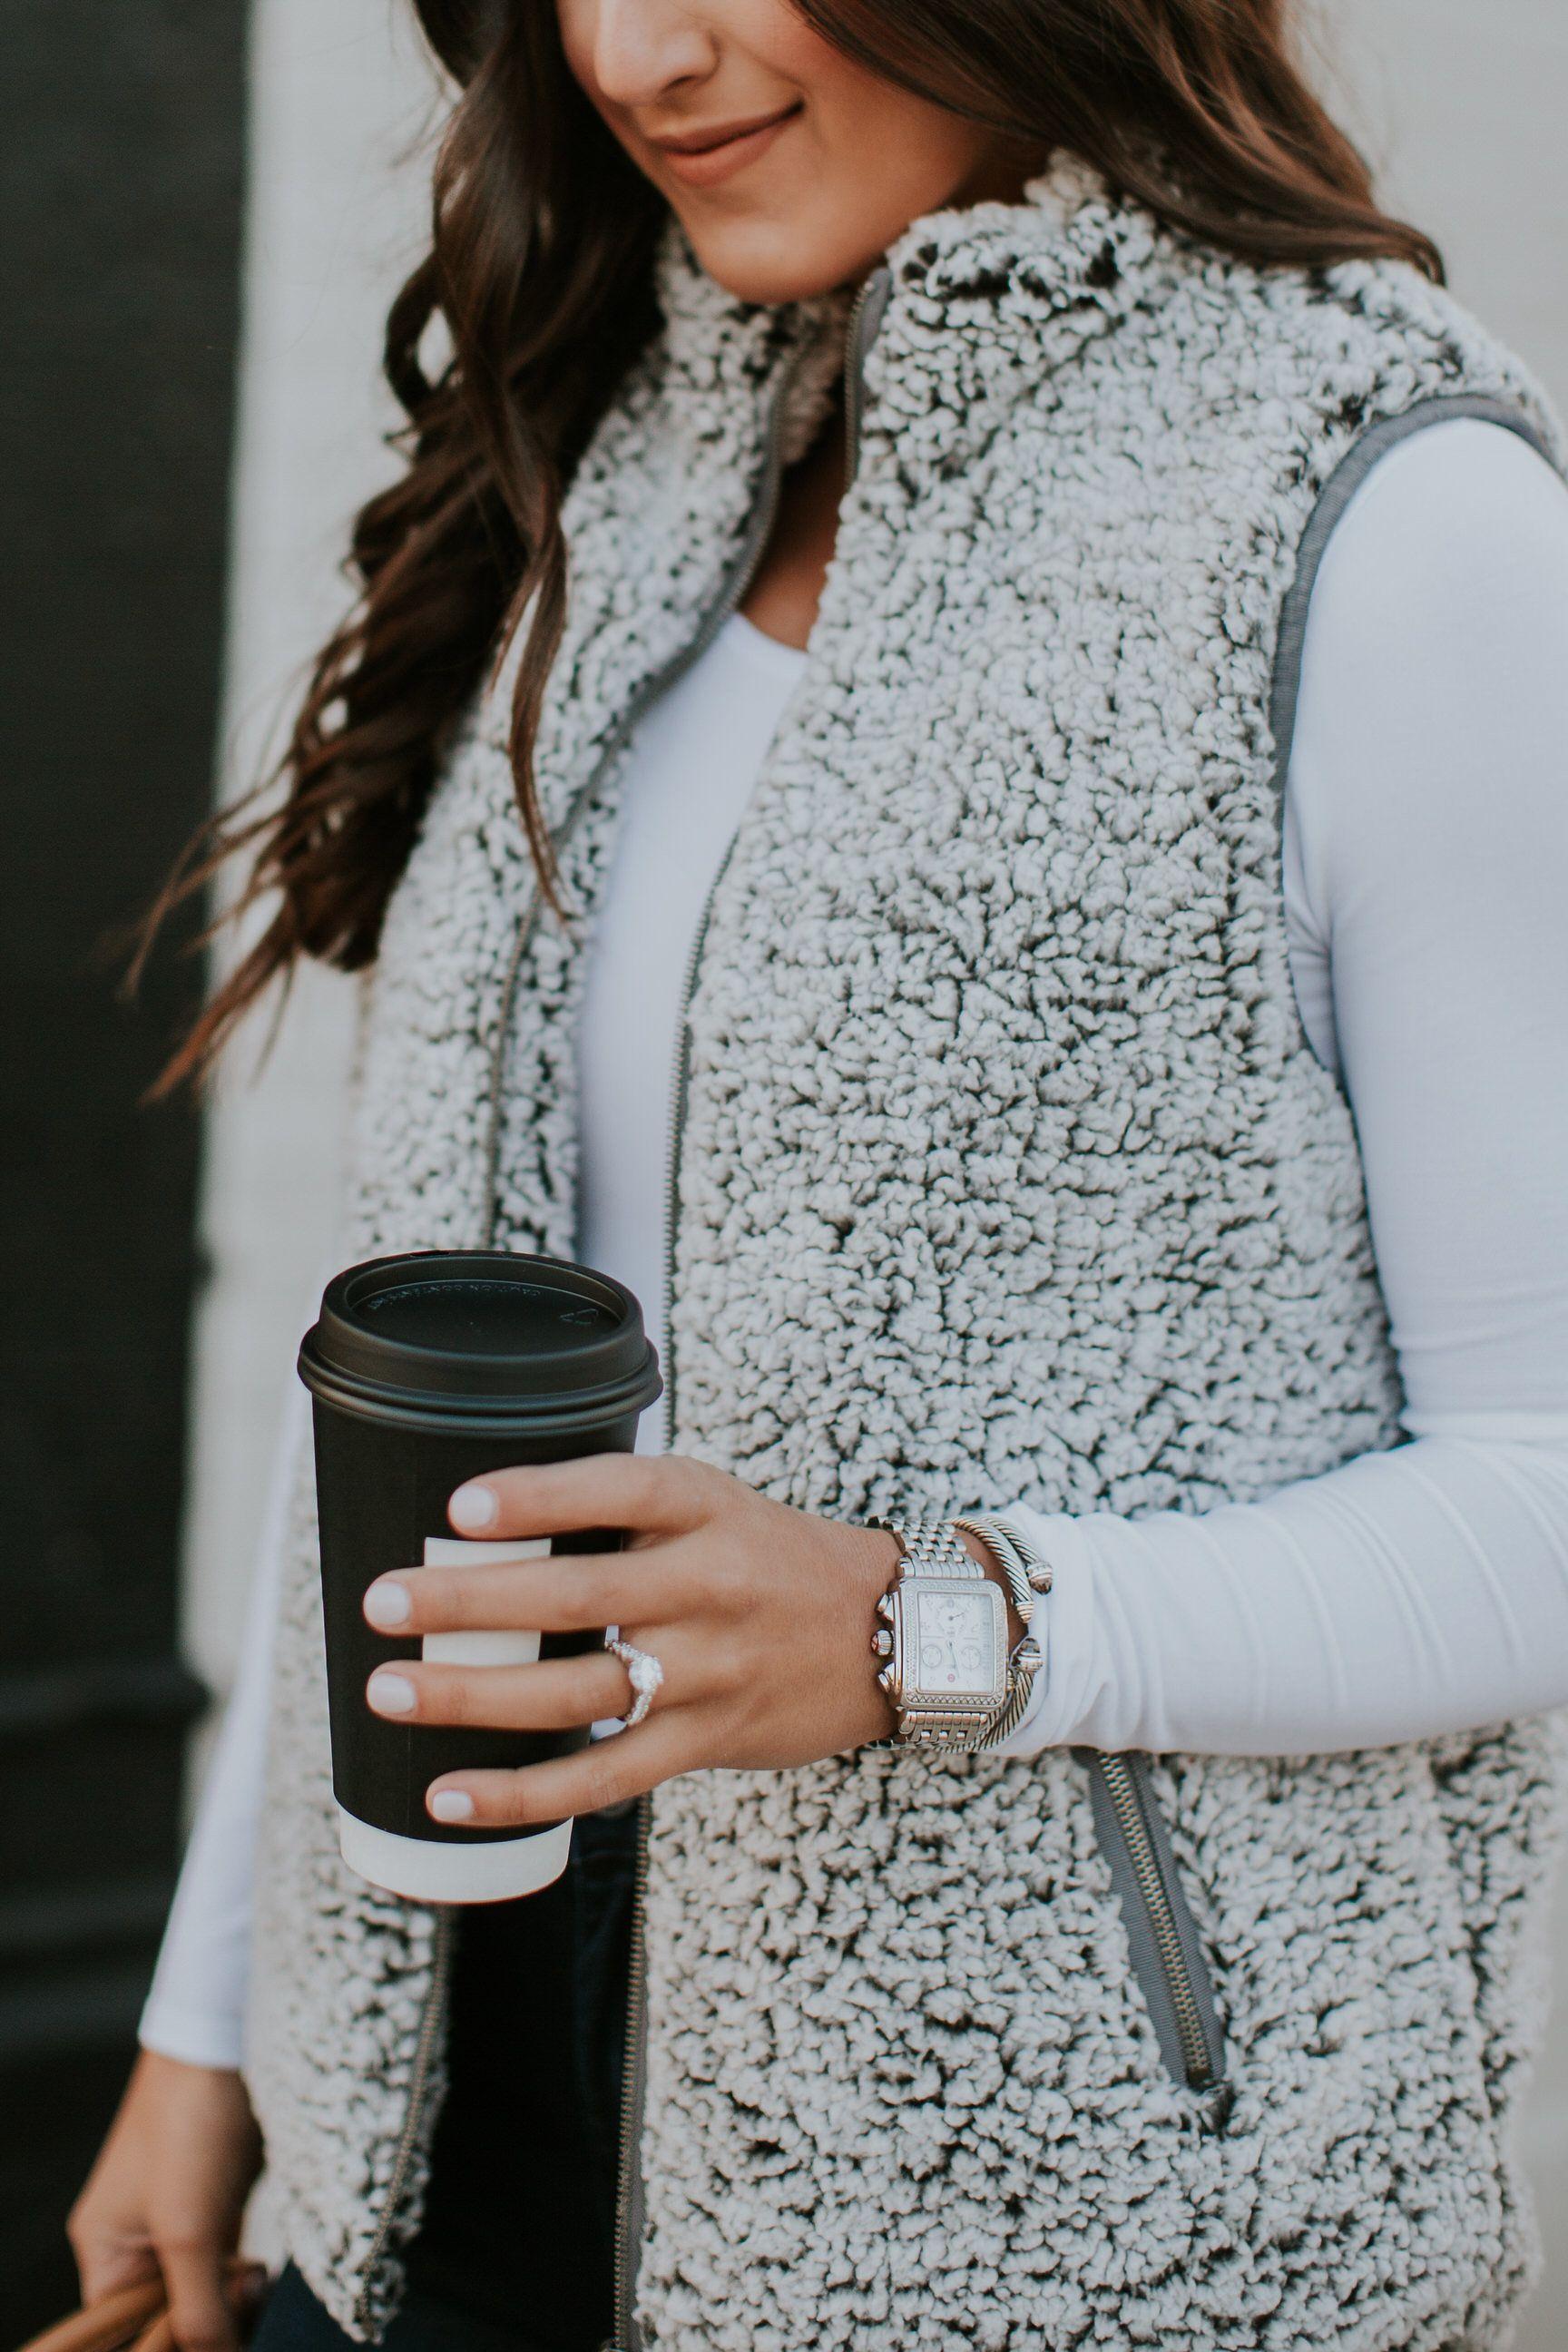 Sherpa Fleece Vest Västkläder för kvinnor, Vinterkläder  Vest outfits for women, Winter outfits